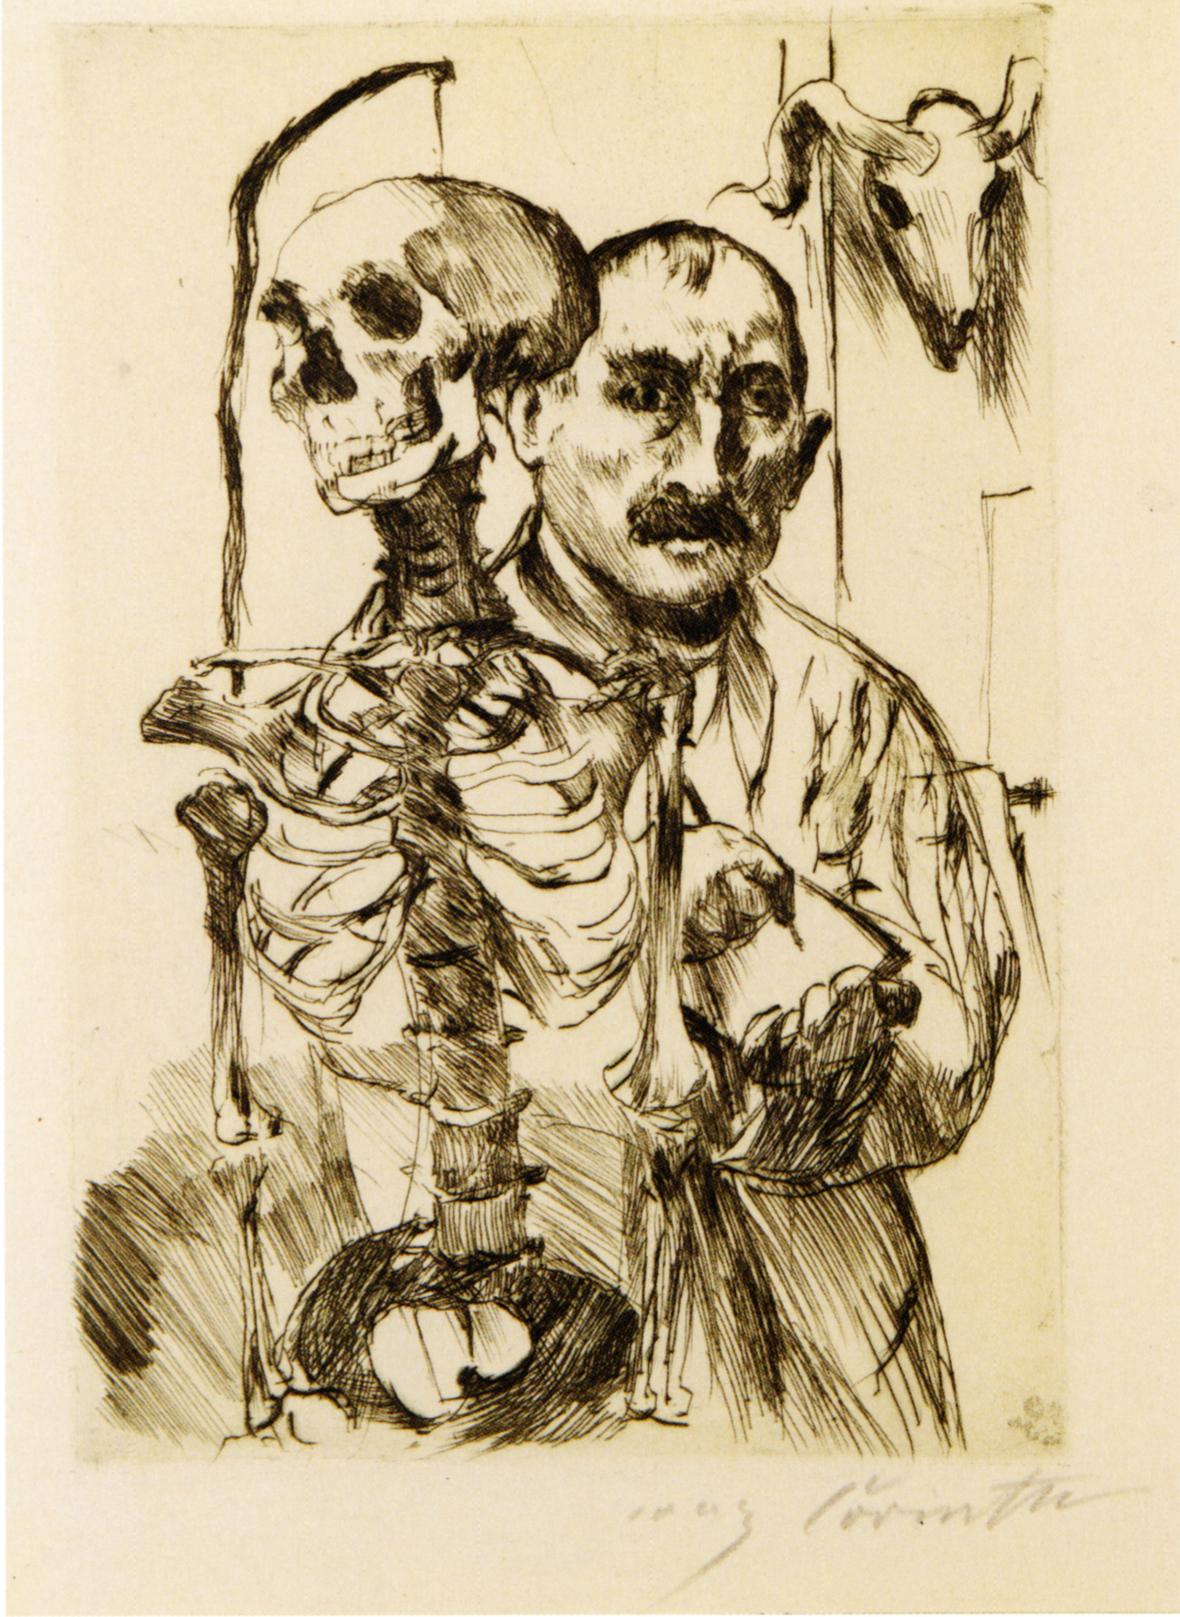 corinth 1916 Der Kunstler und der Tod I